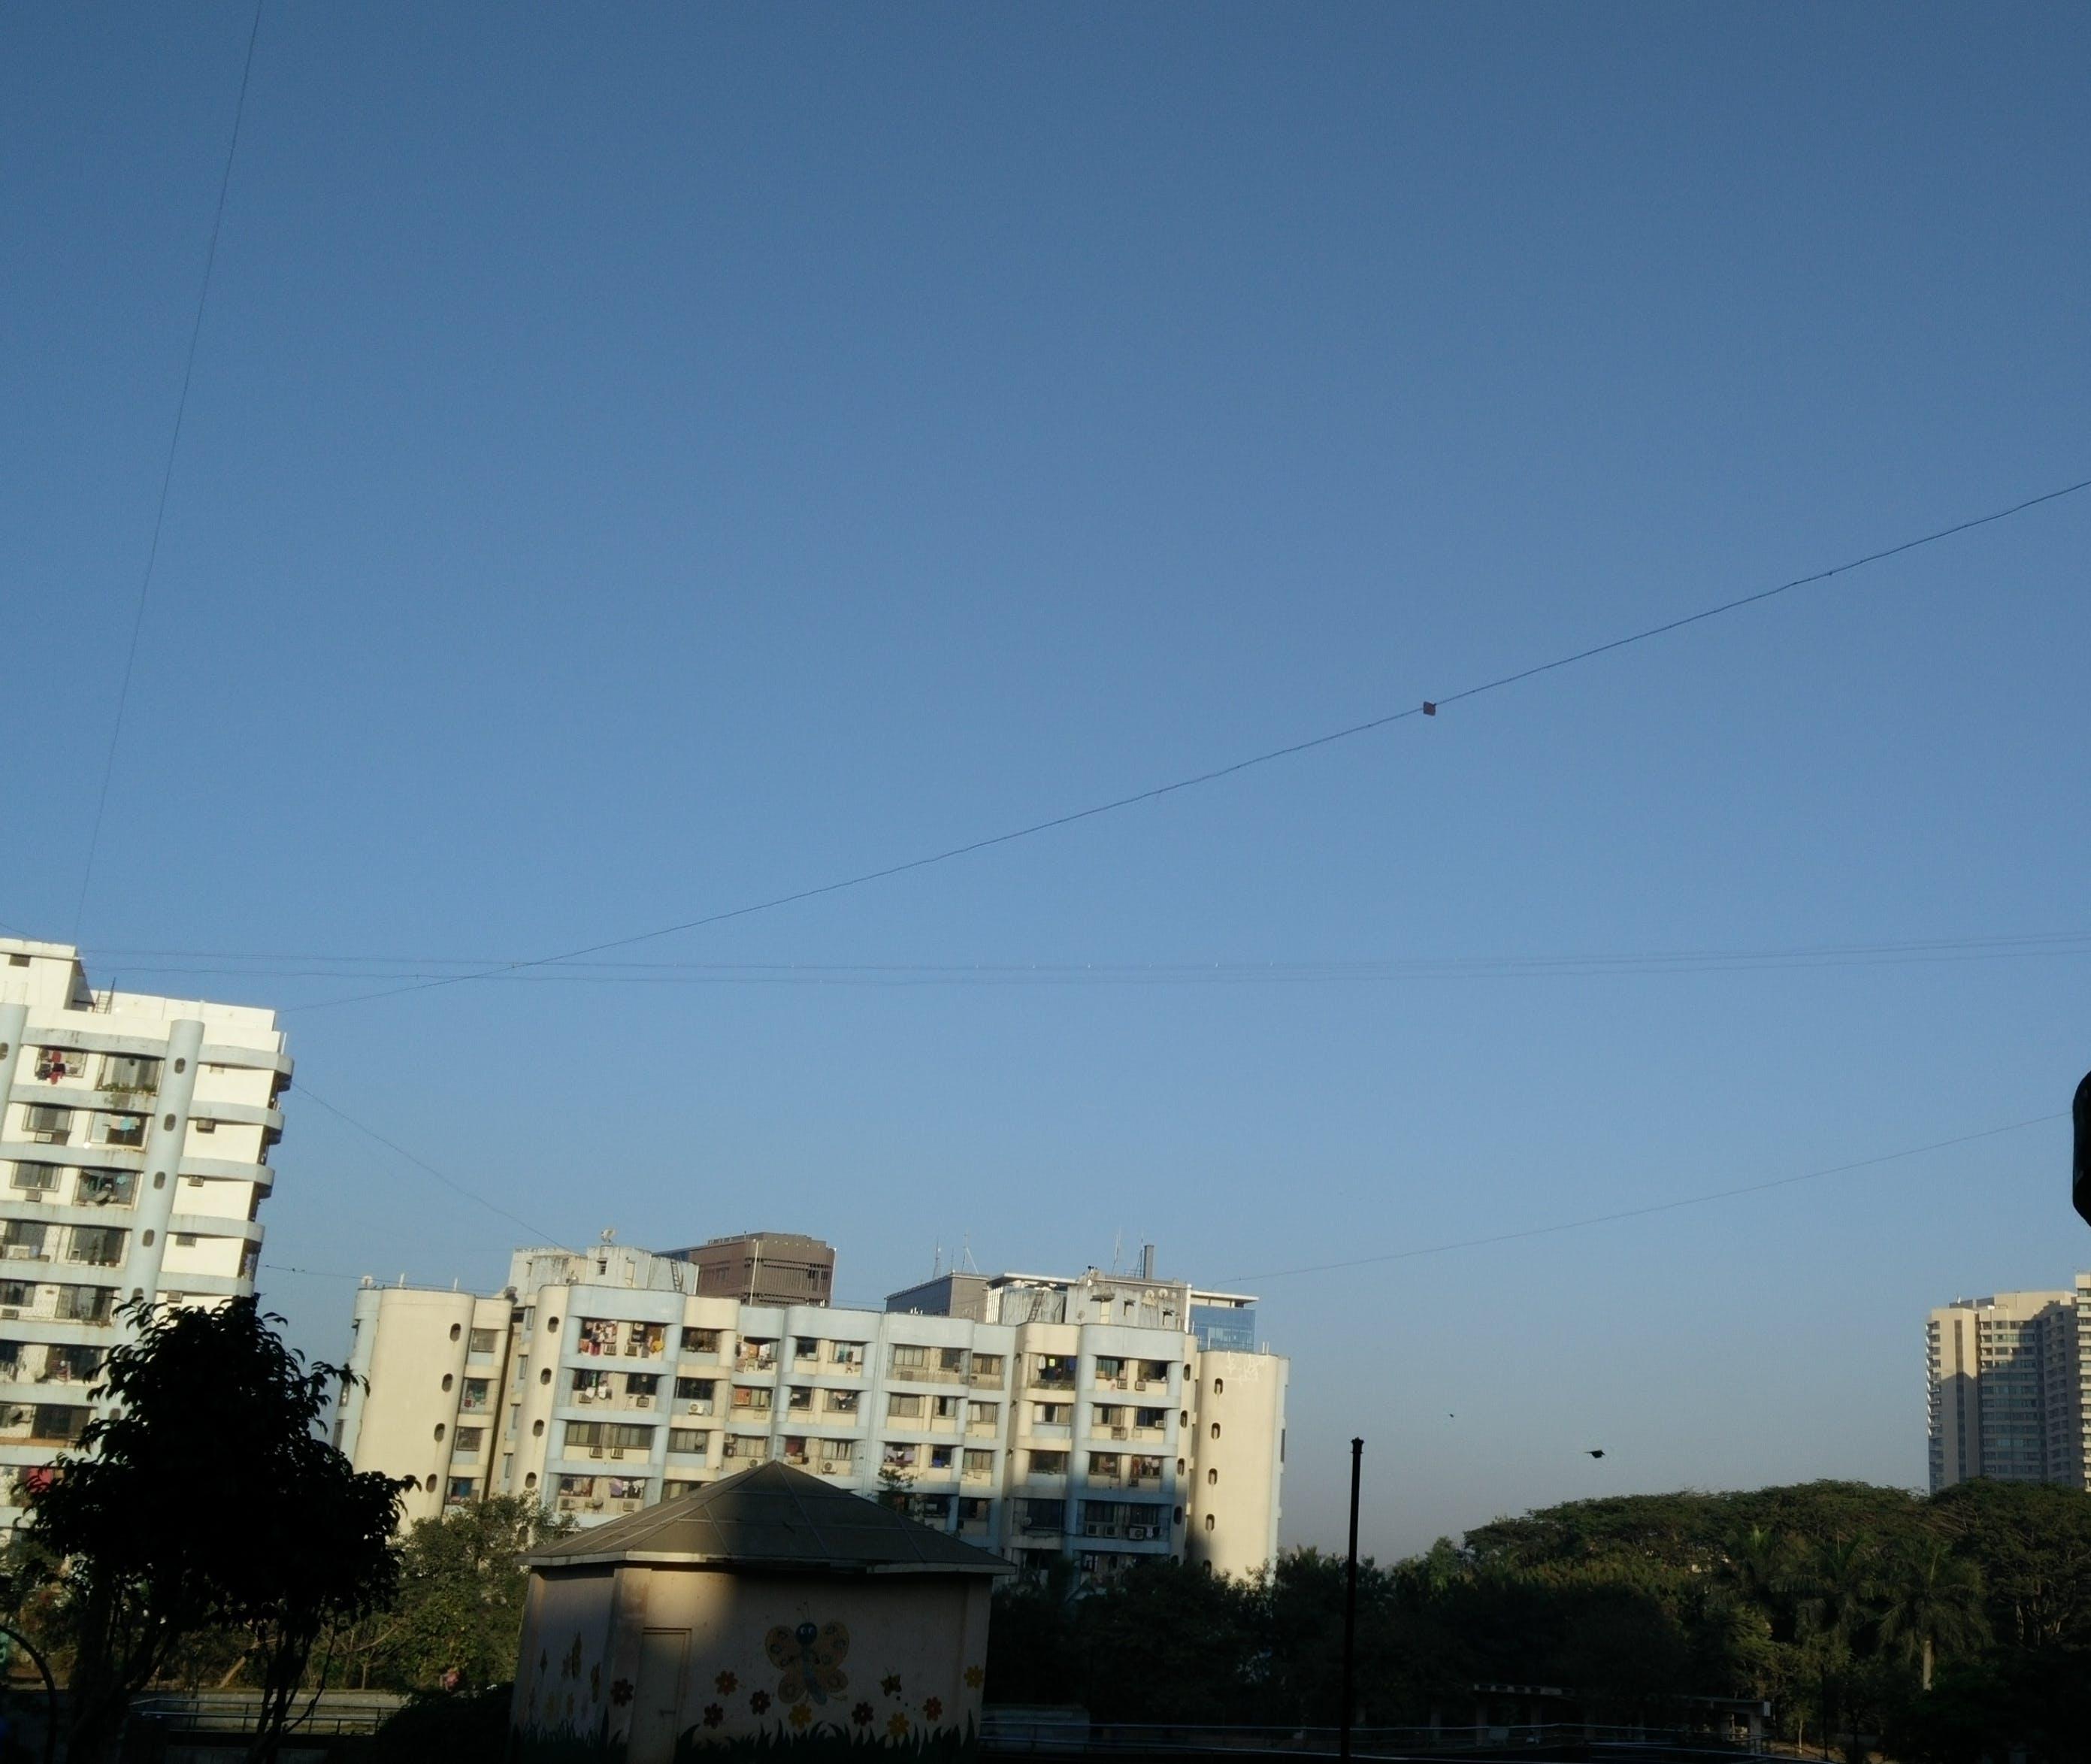 Free stock photo of sky, blue sky, kite, 365 photos